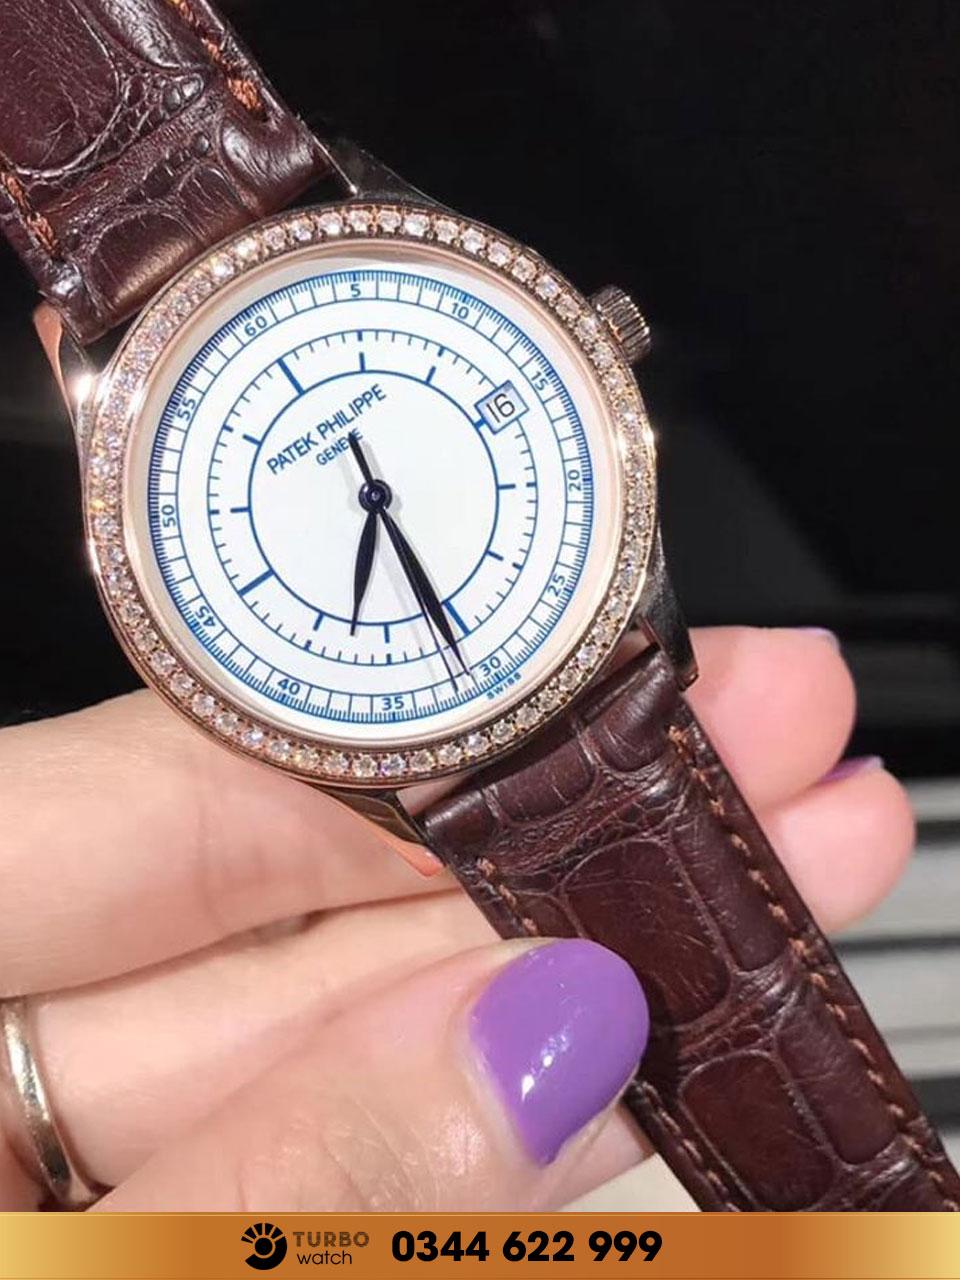 Đồng hồ Patek philippe chế tác vàng nguyên khối 18k